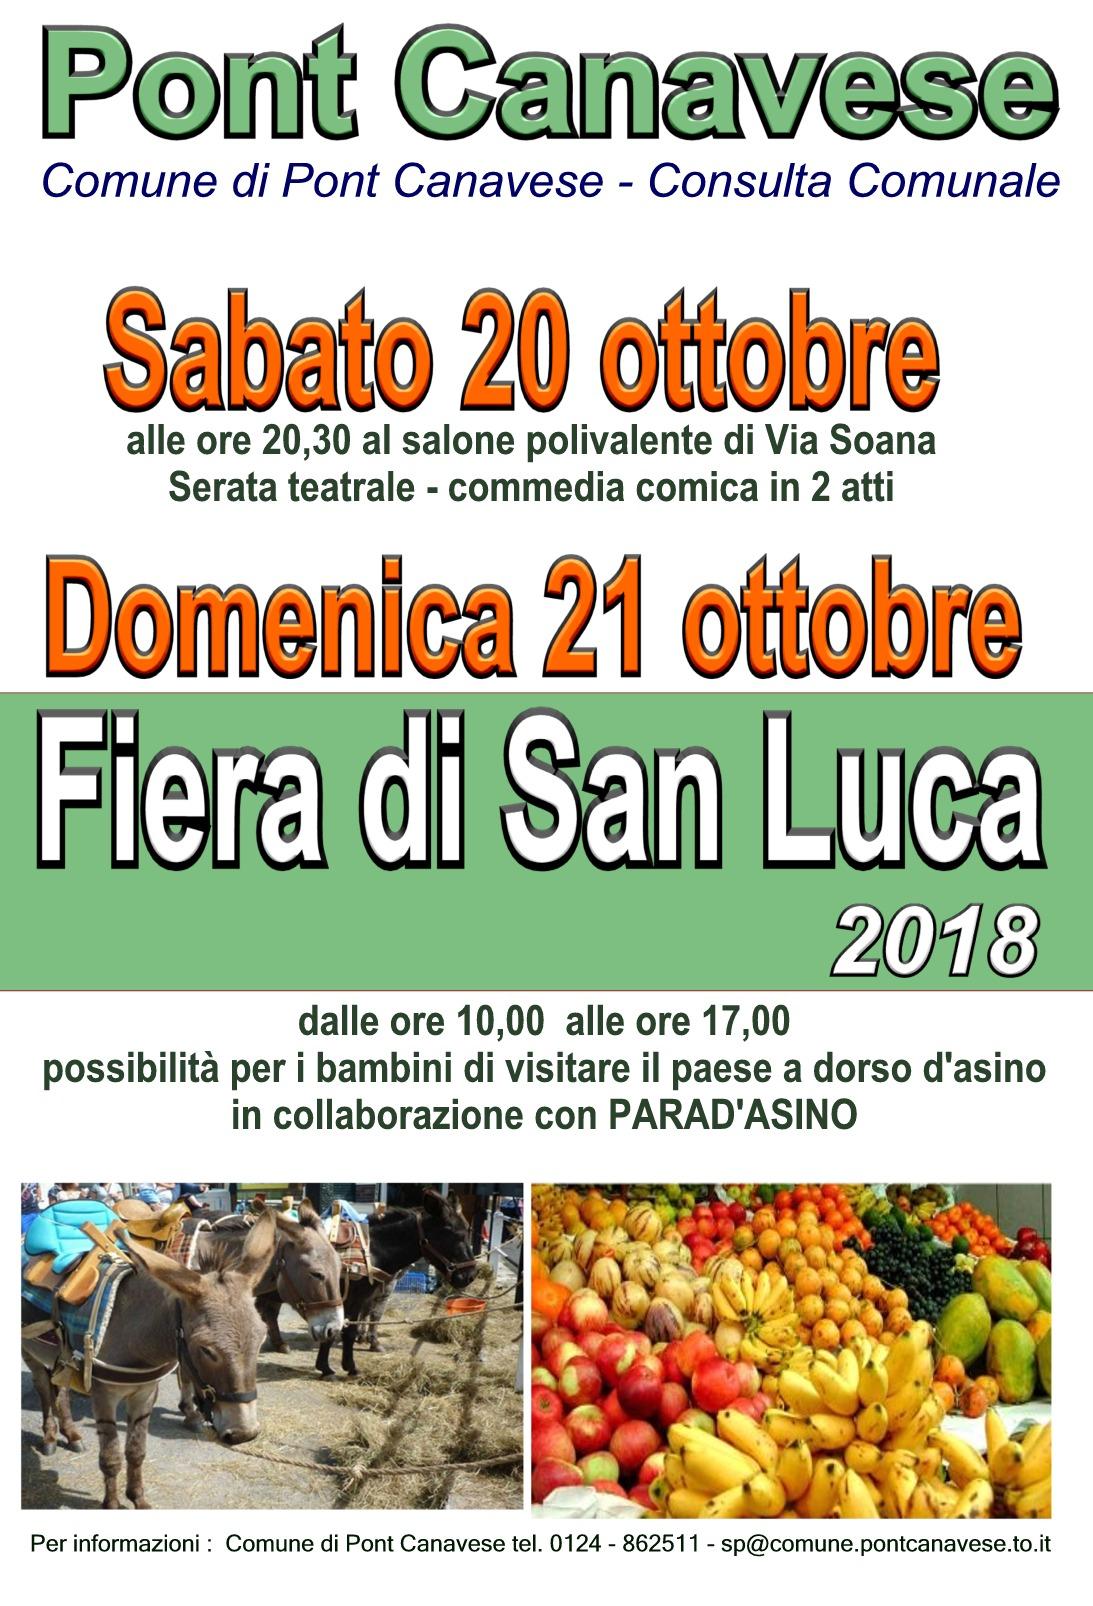 San Luca 2018